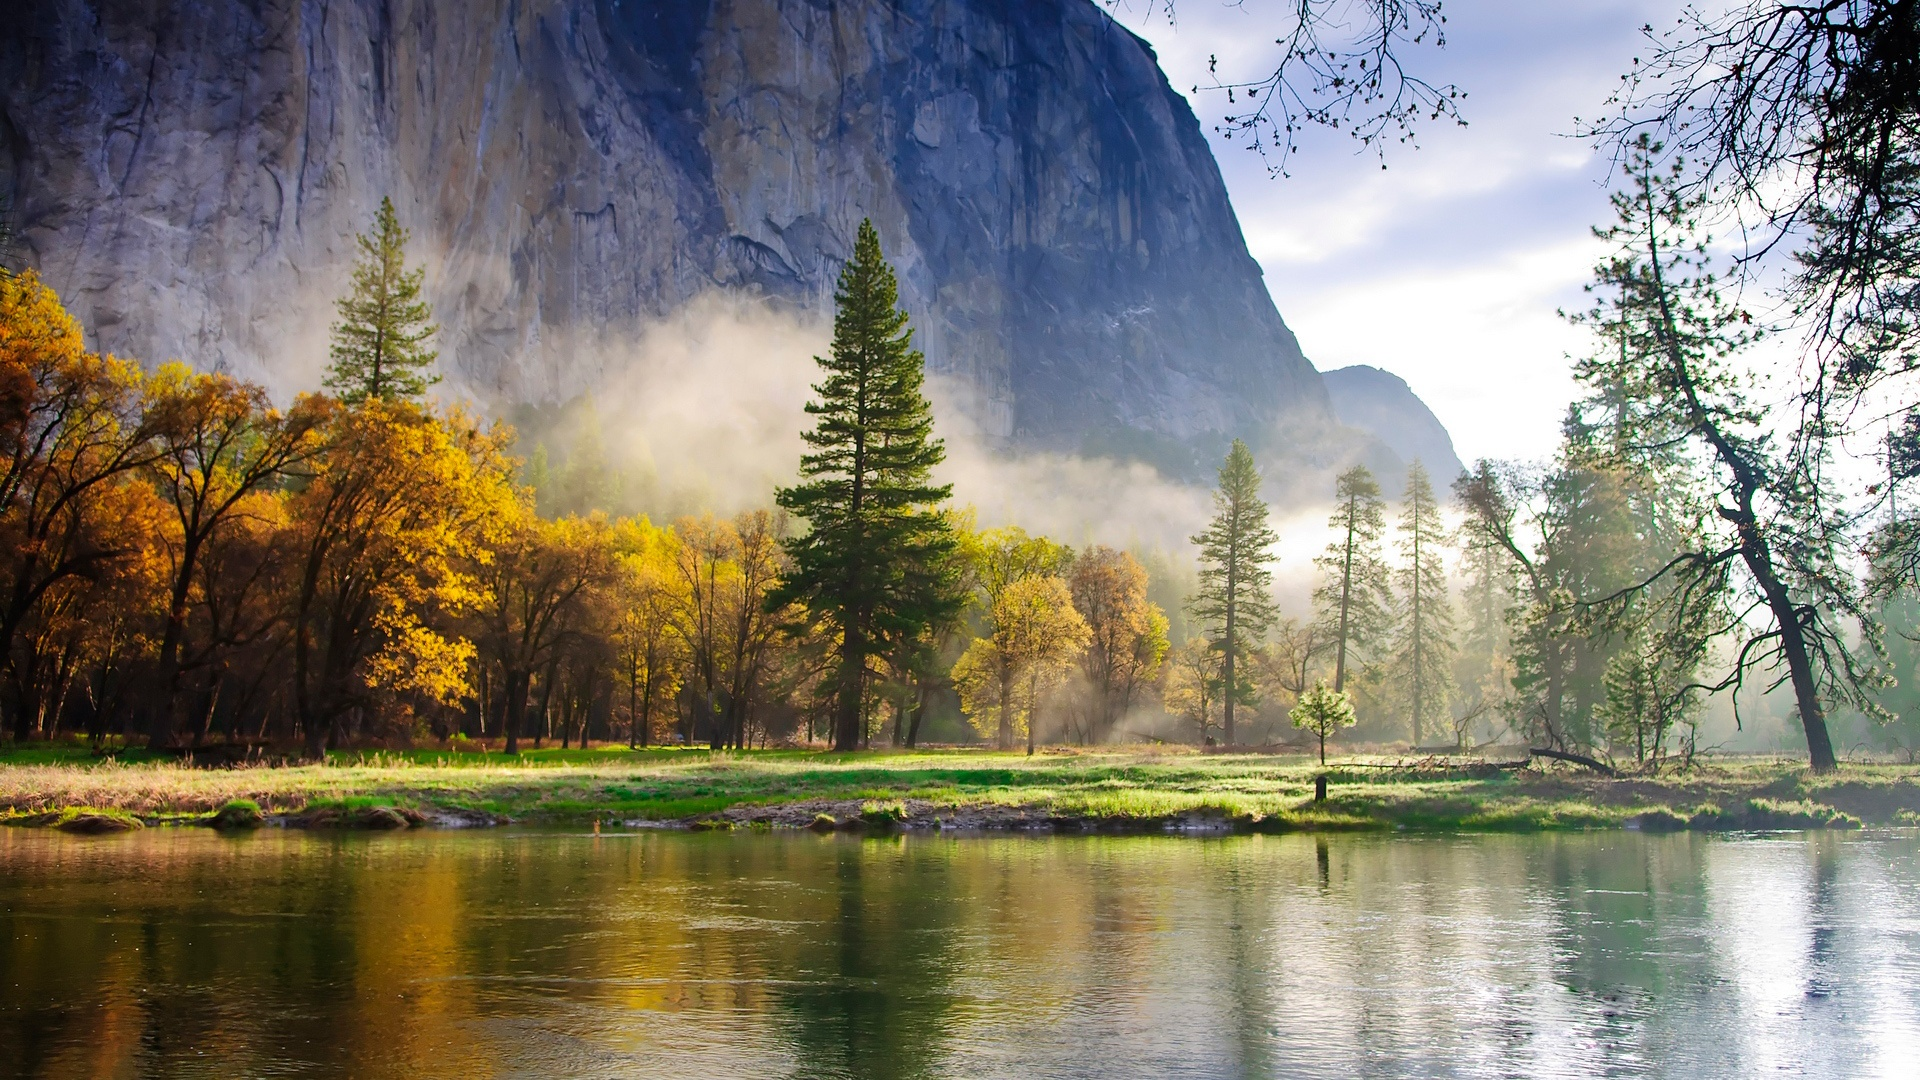 природа скалы горы деревья озеро на телефон